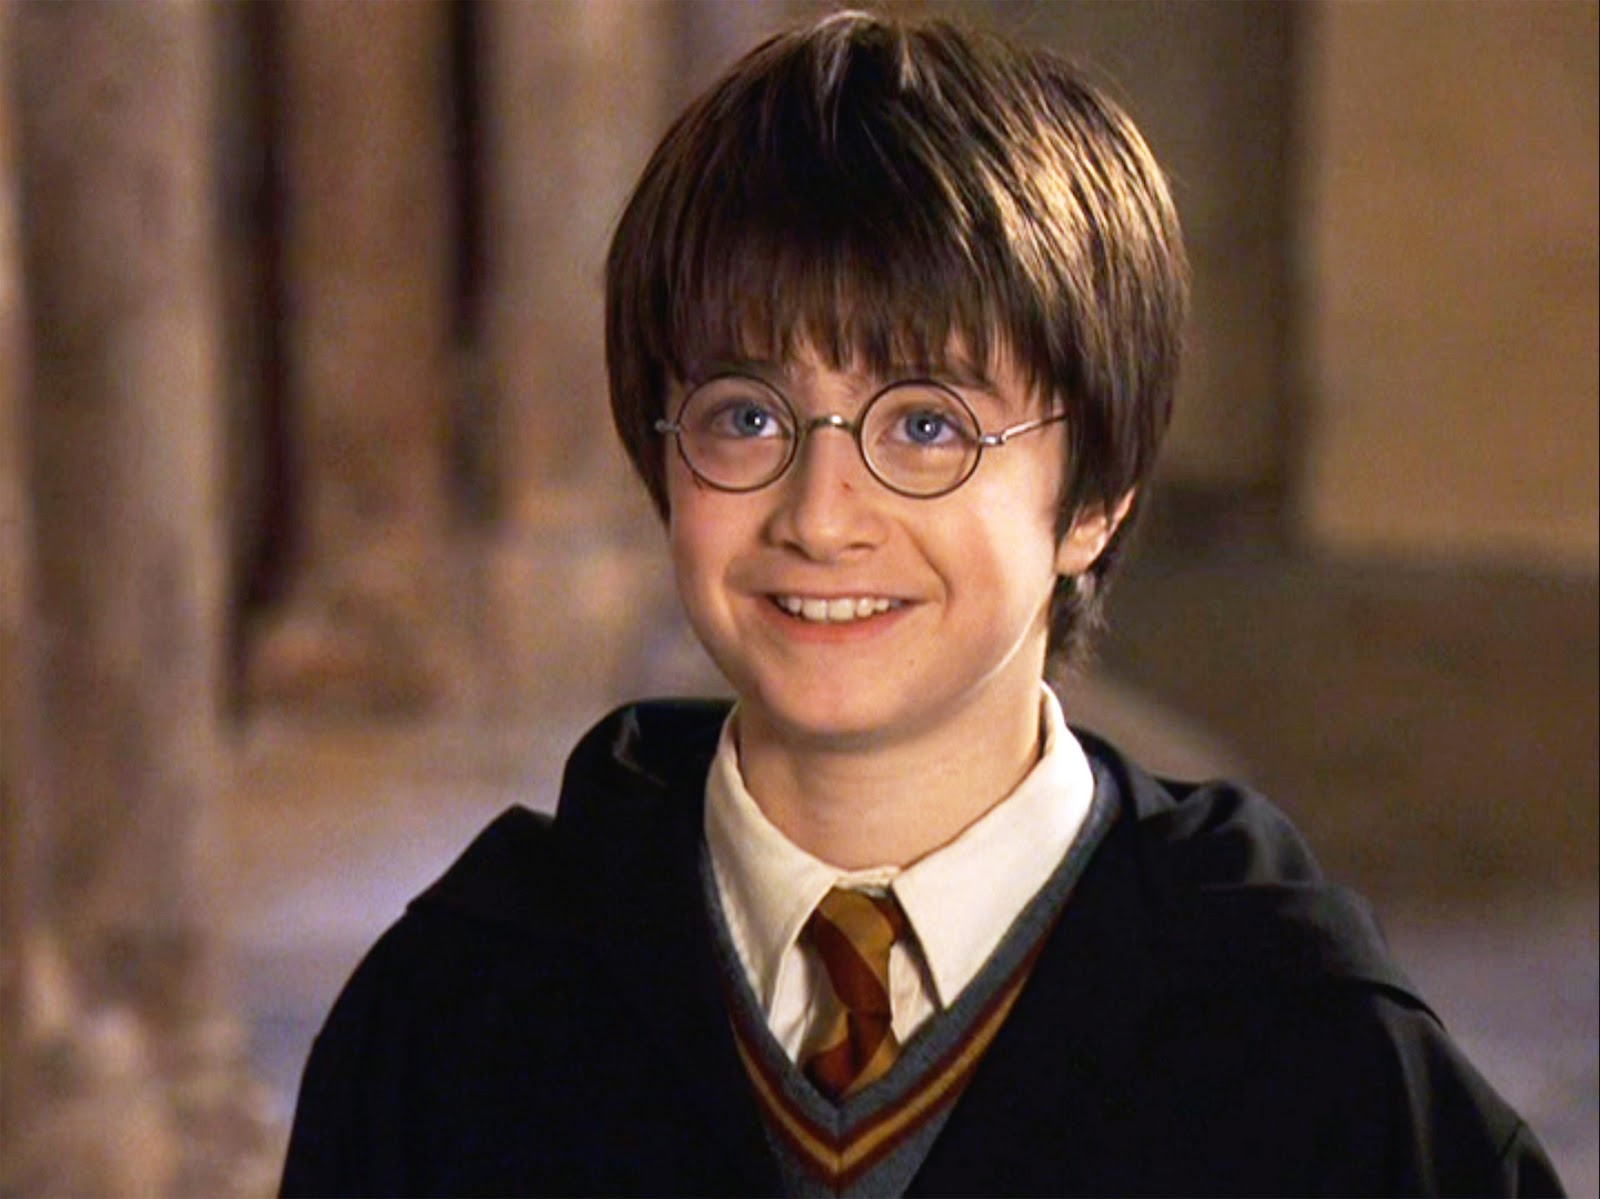 Рэдклифф раскрыл секрет о съемках Гарри Поттера